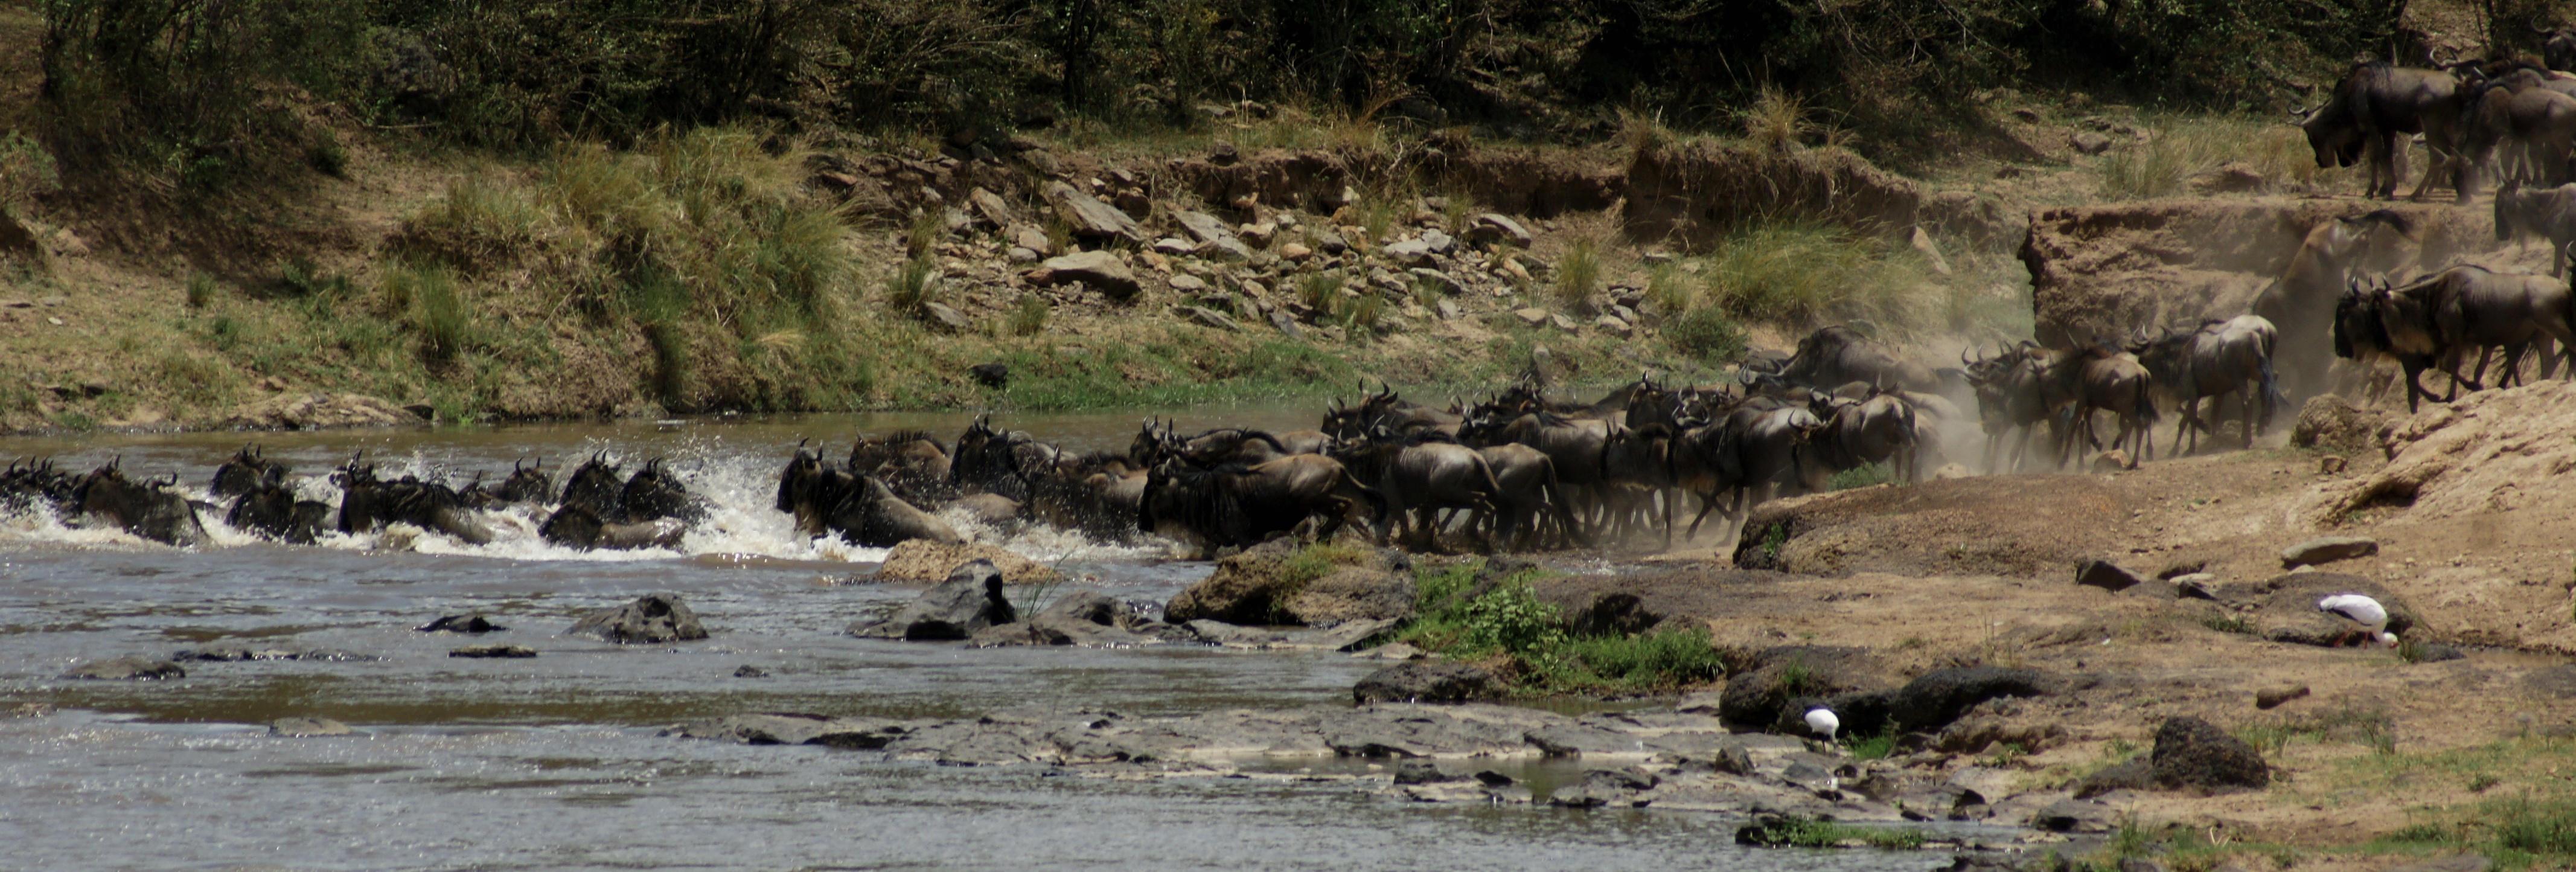 Gnus passing Mara River